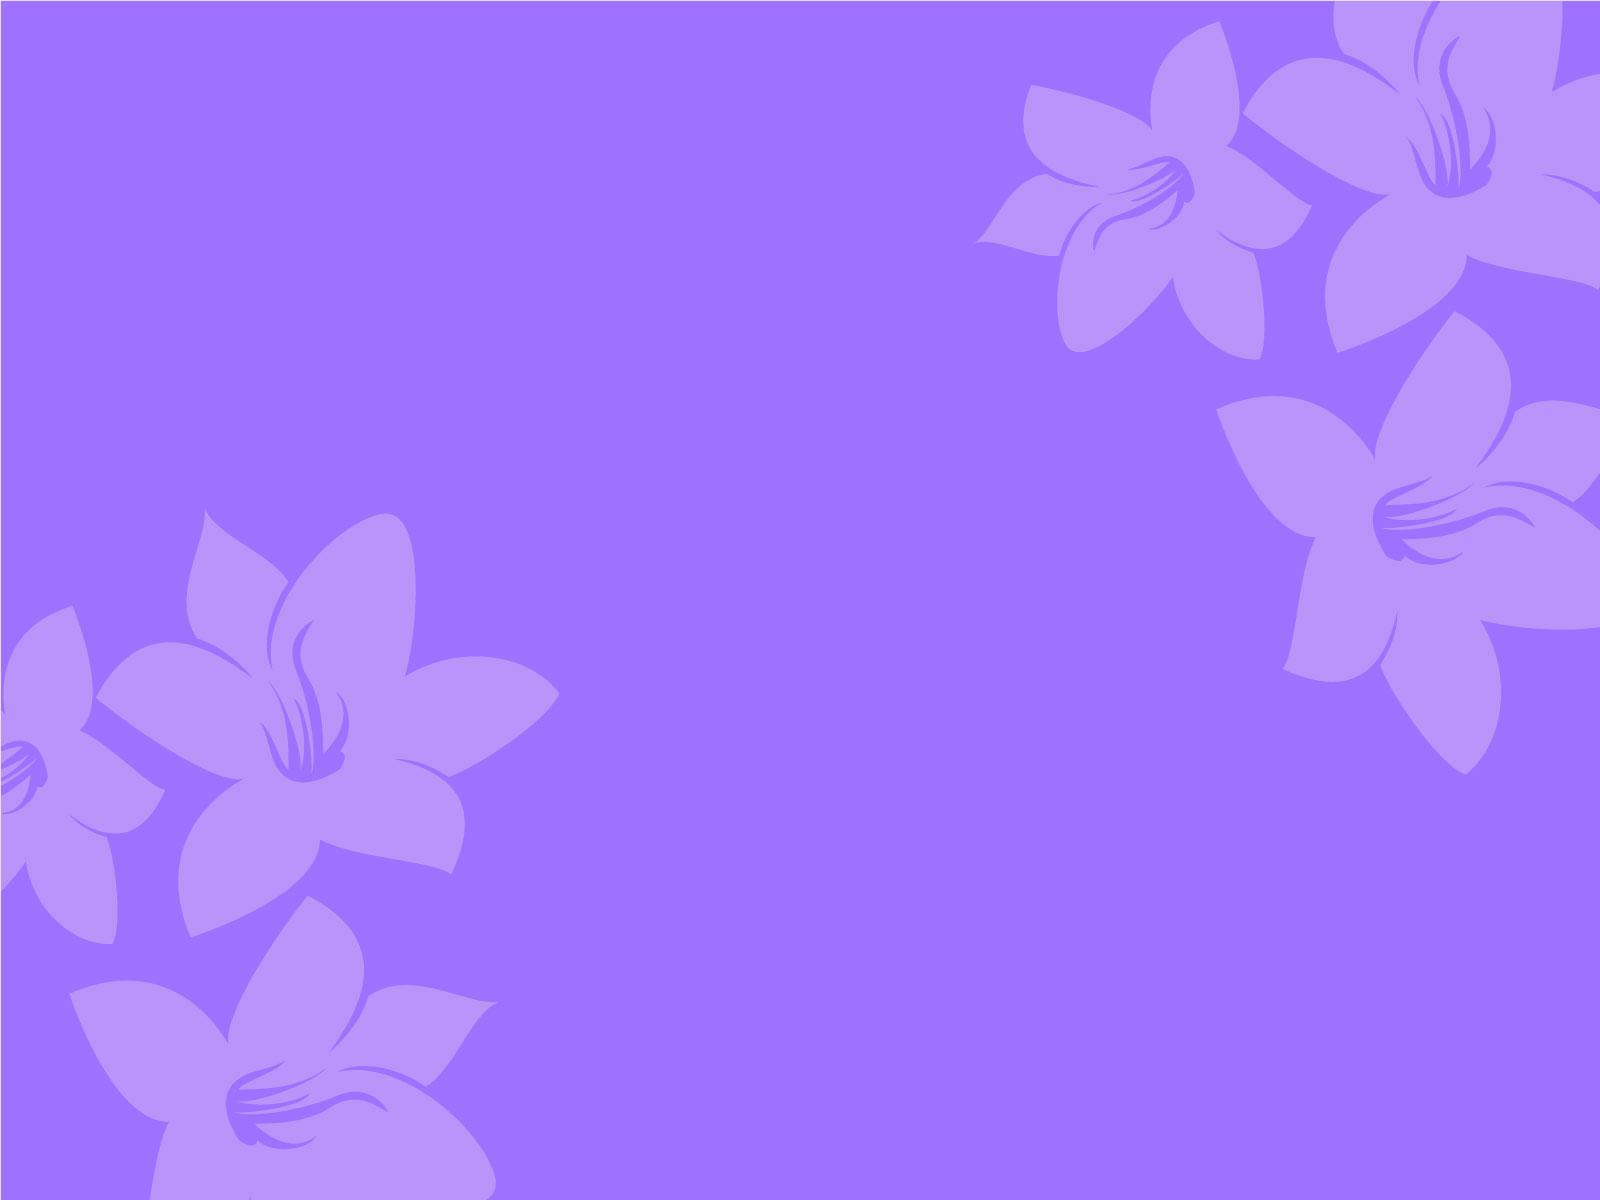 Purple flower powerpoint backgrounds